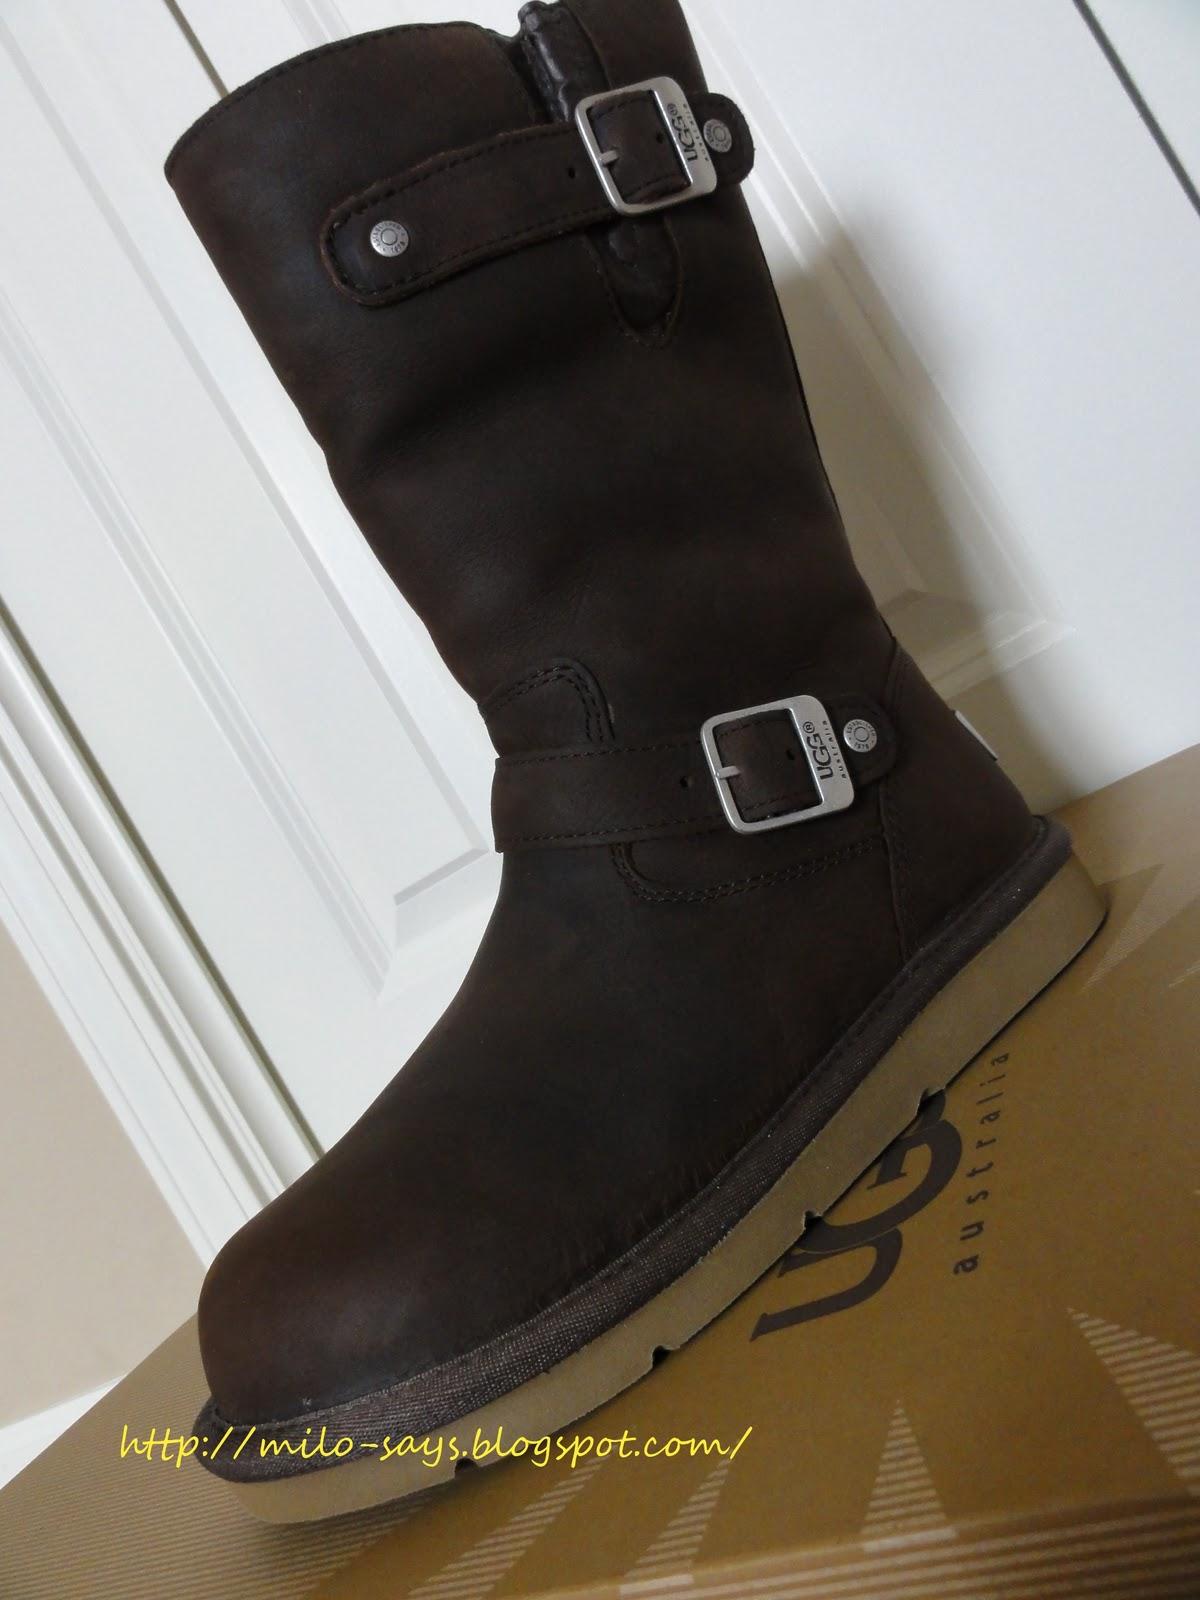 米路說...: 好品推薦 - UGG 雪靴